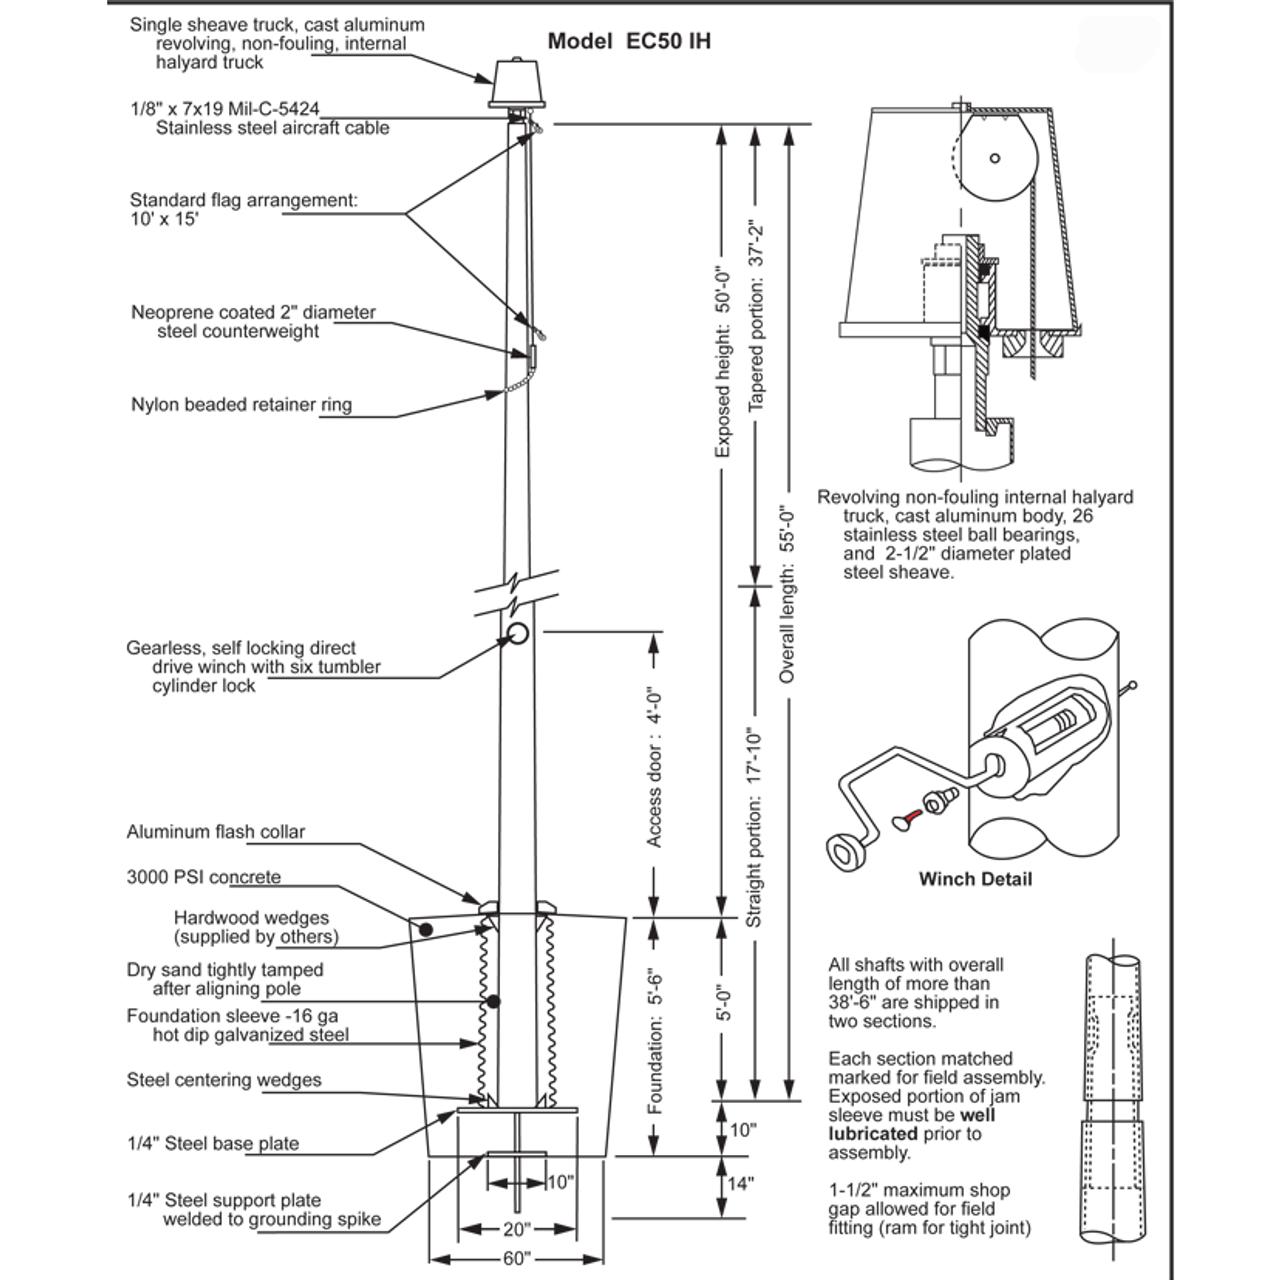 50' Internal Halyard Flagpole w/ Collar (EC50IH)